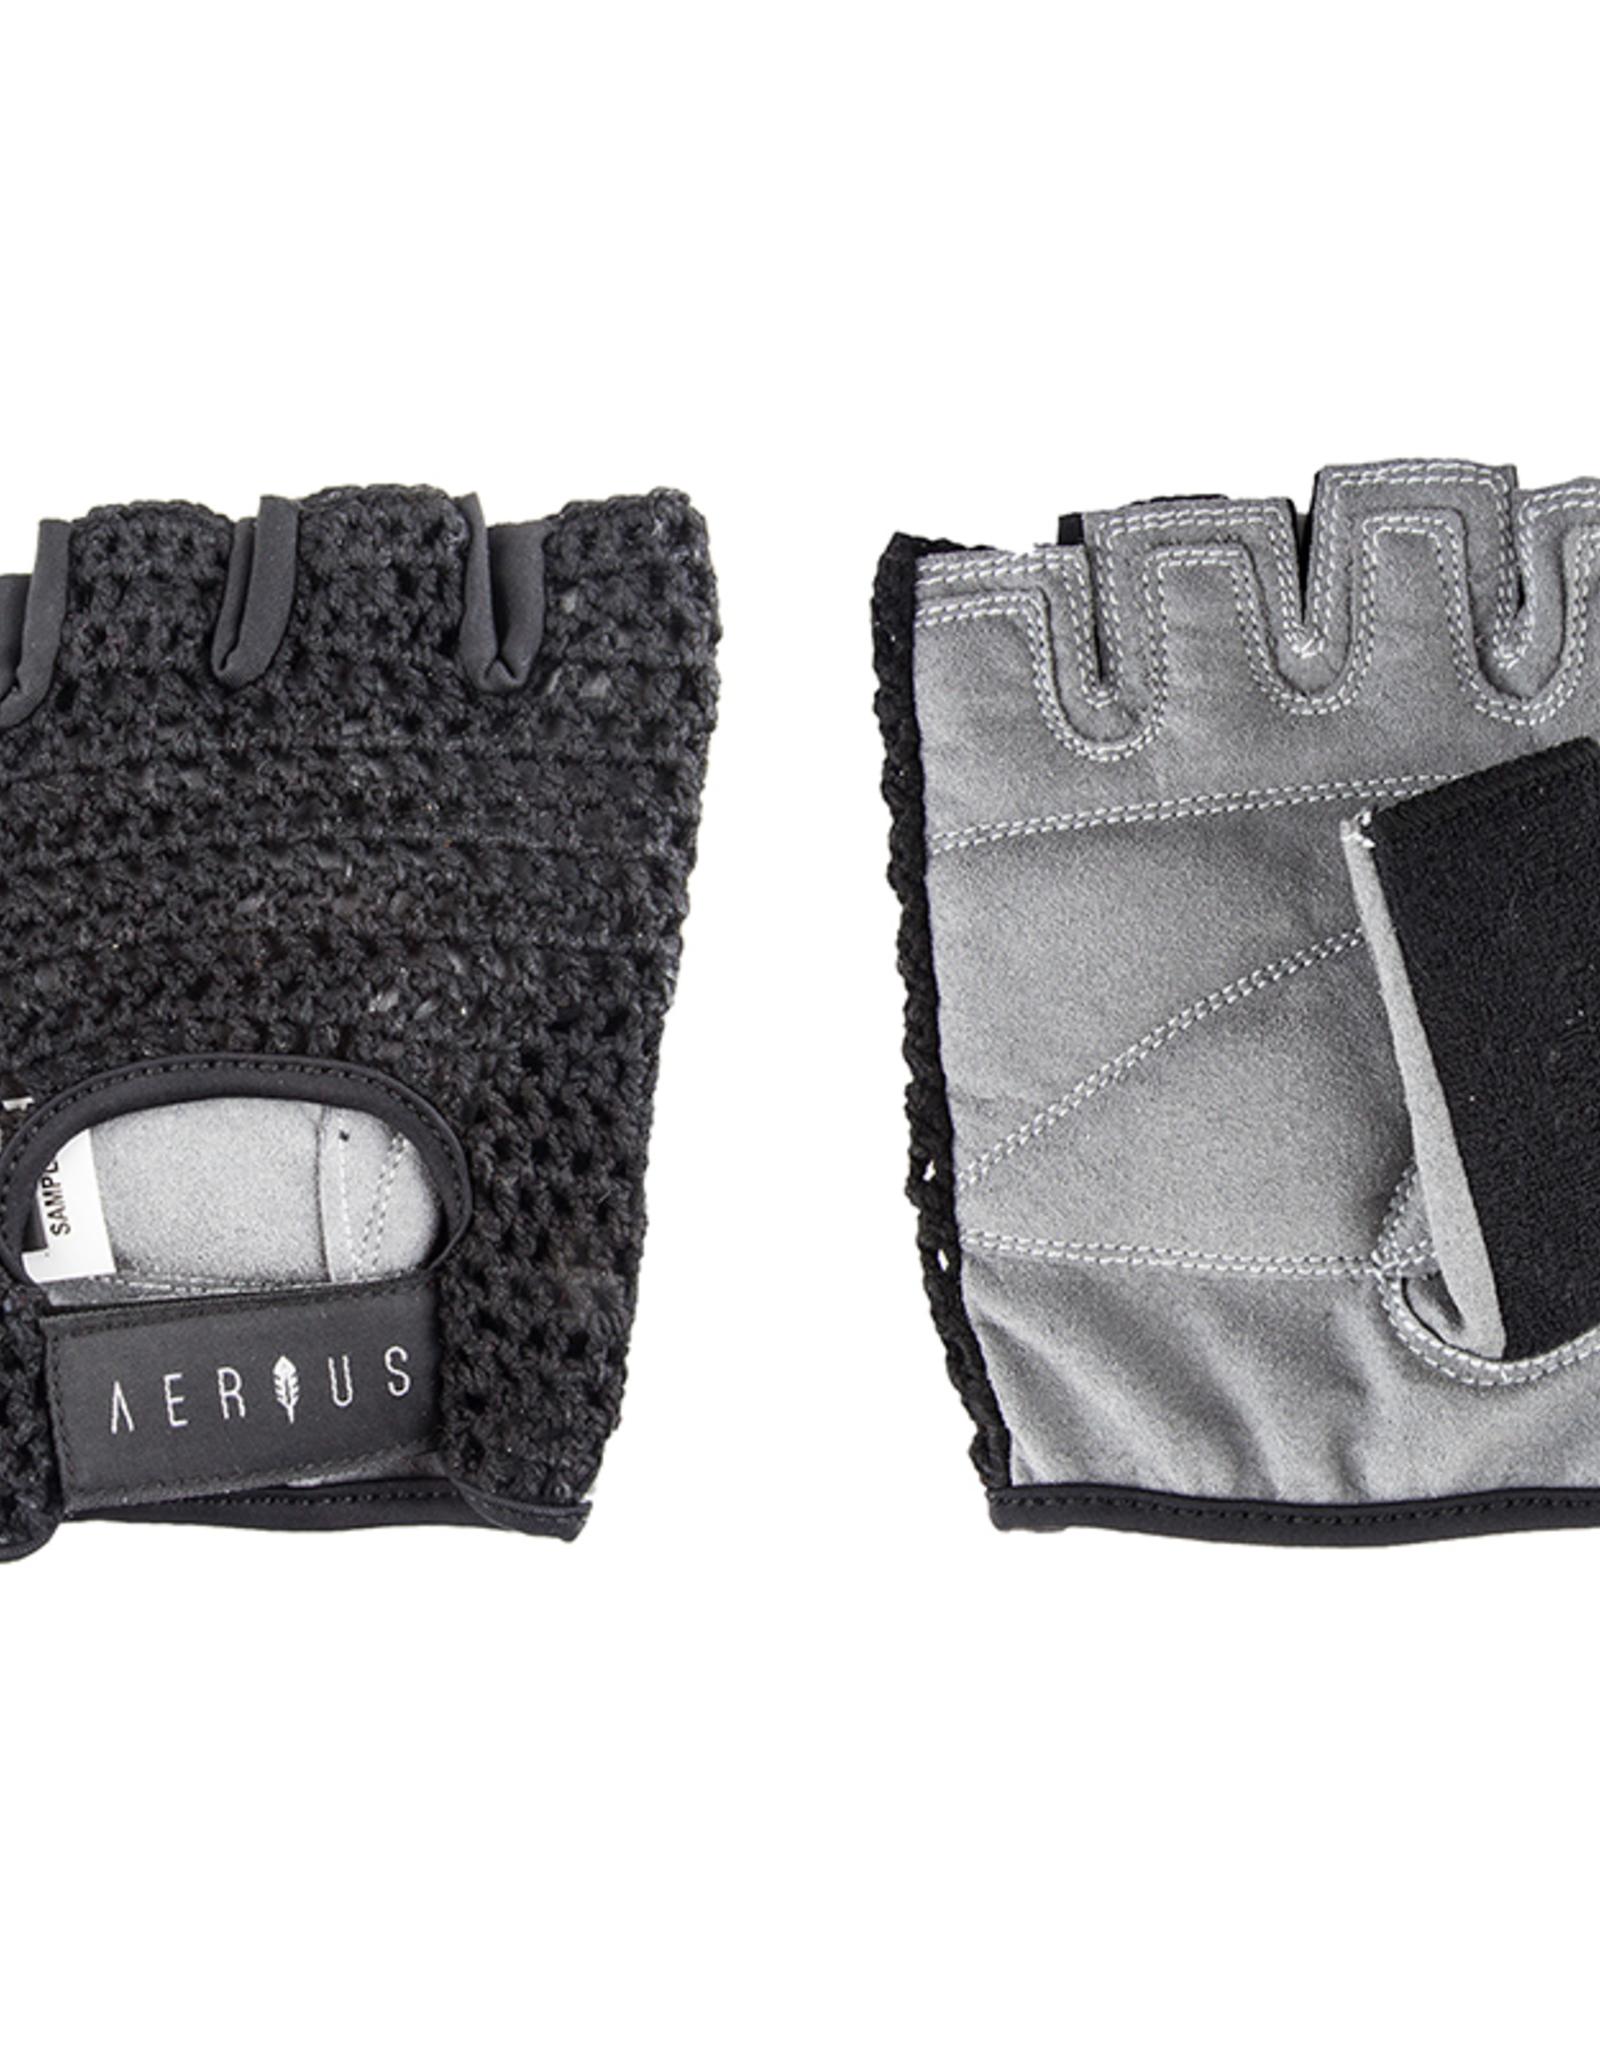 Airius Aerius Retro Mesh Gloves, Large, Black